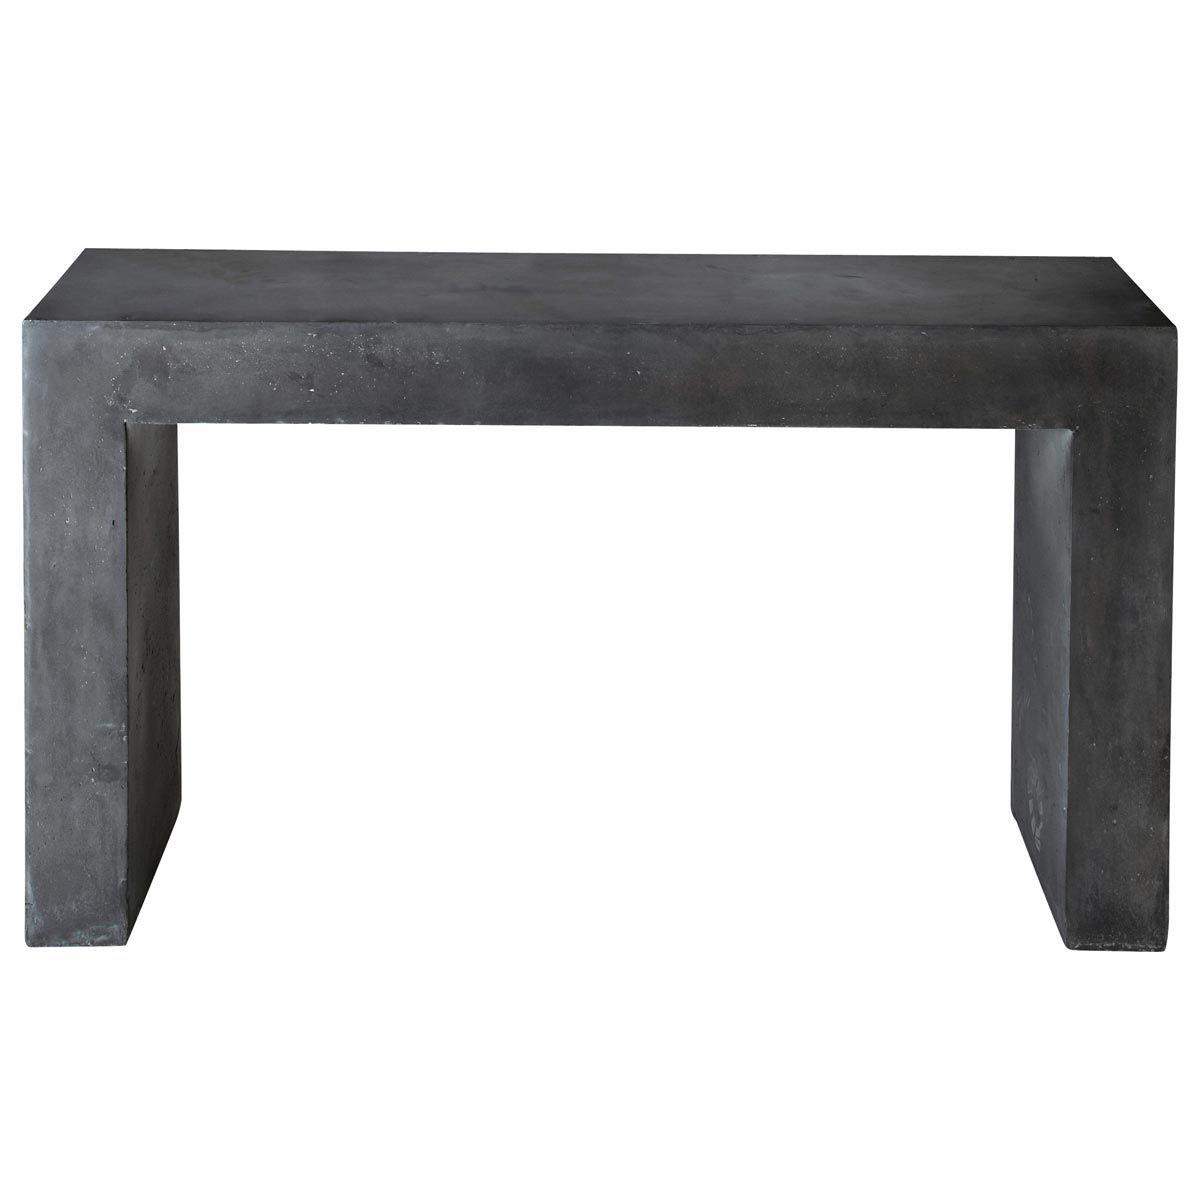 Table console effet béton en magnésie anthracite L 135 cm ...